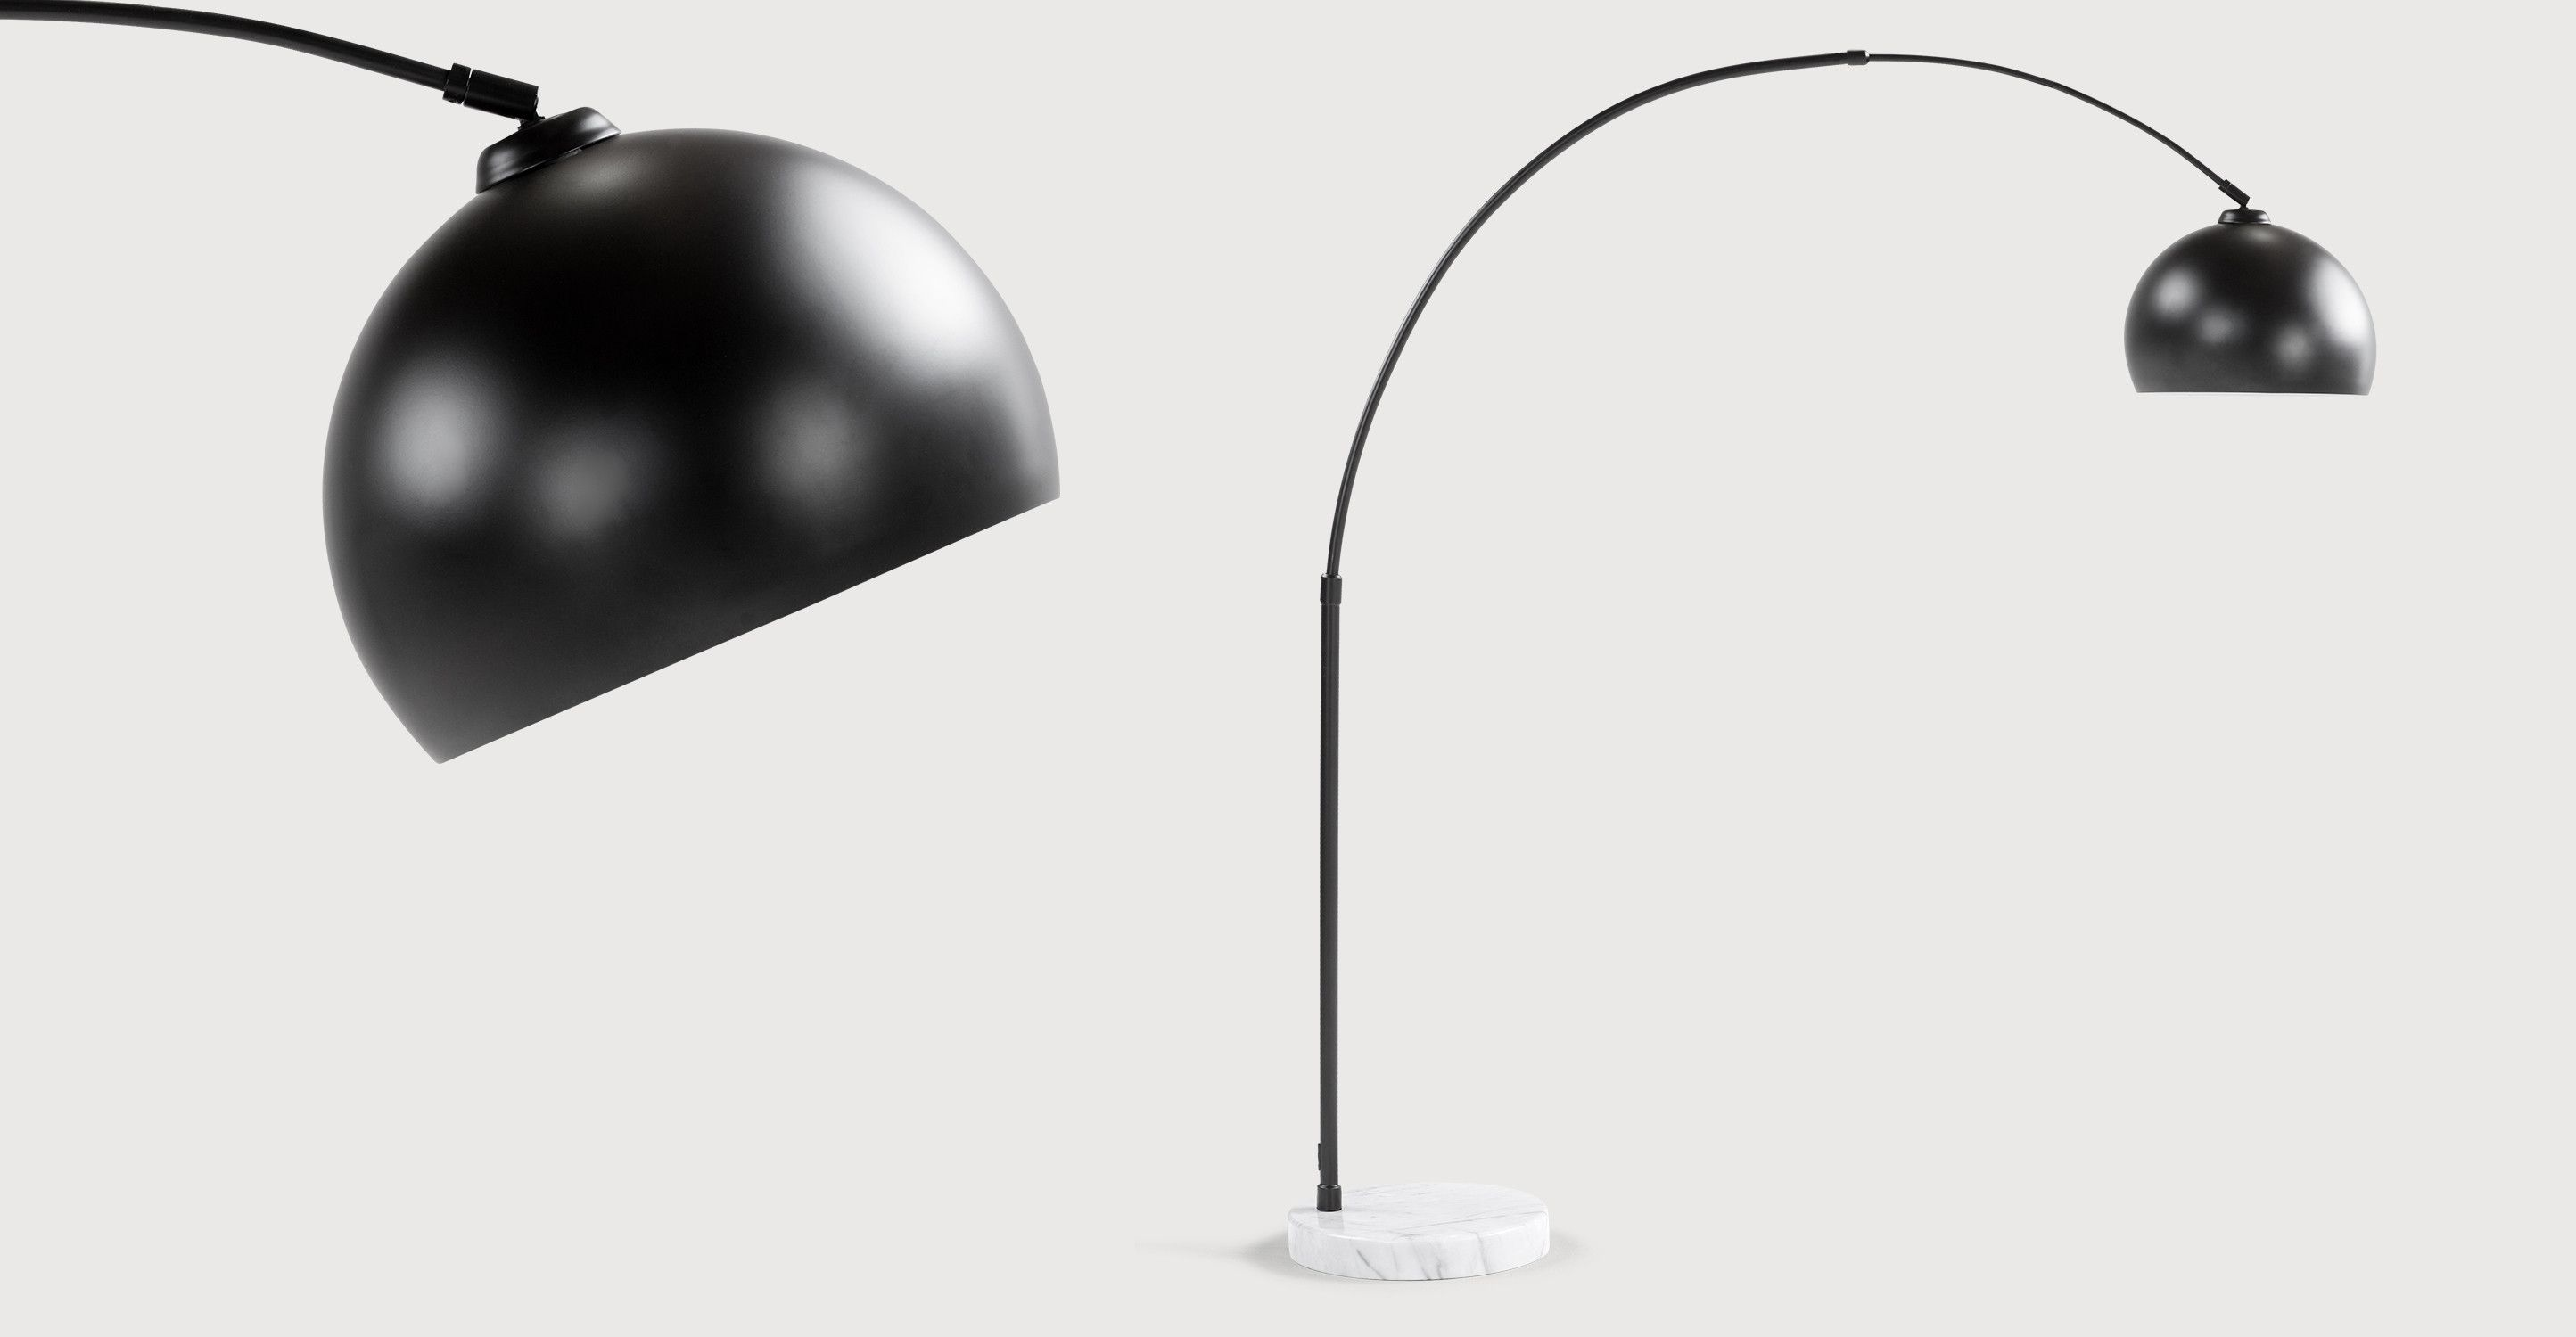 Ongebruikt Bow grote staande lamp, matzwart en marmer   Black floor lamp BH-26